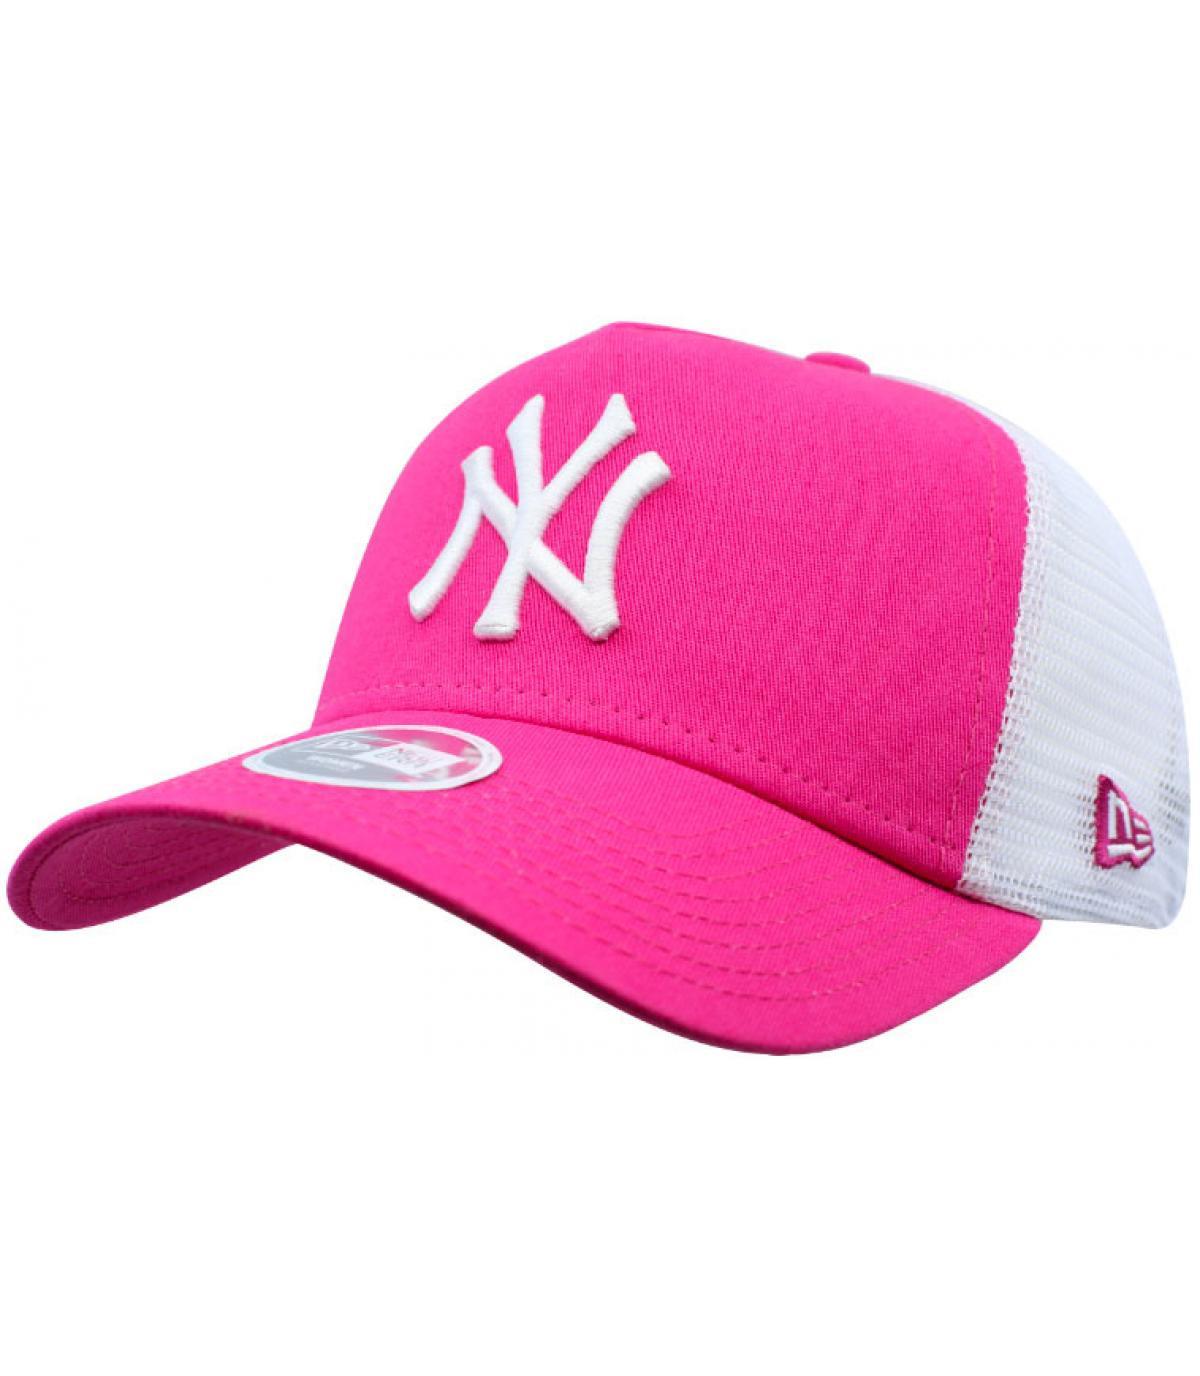 NY trucker roze vrouw